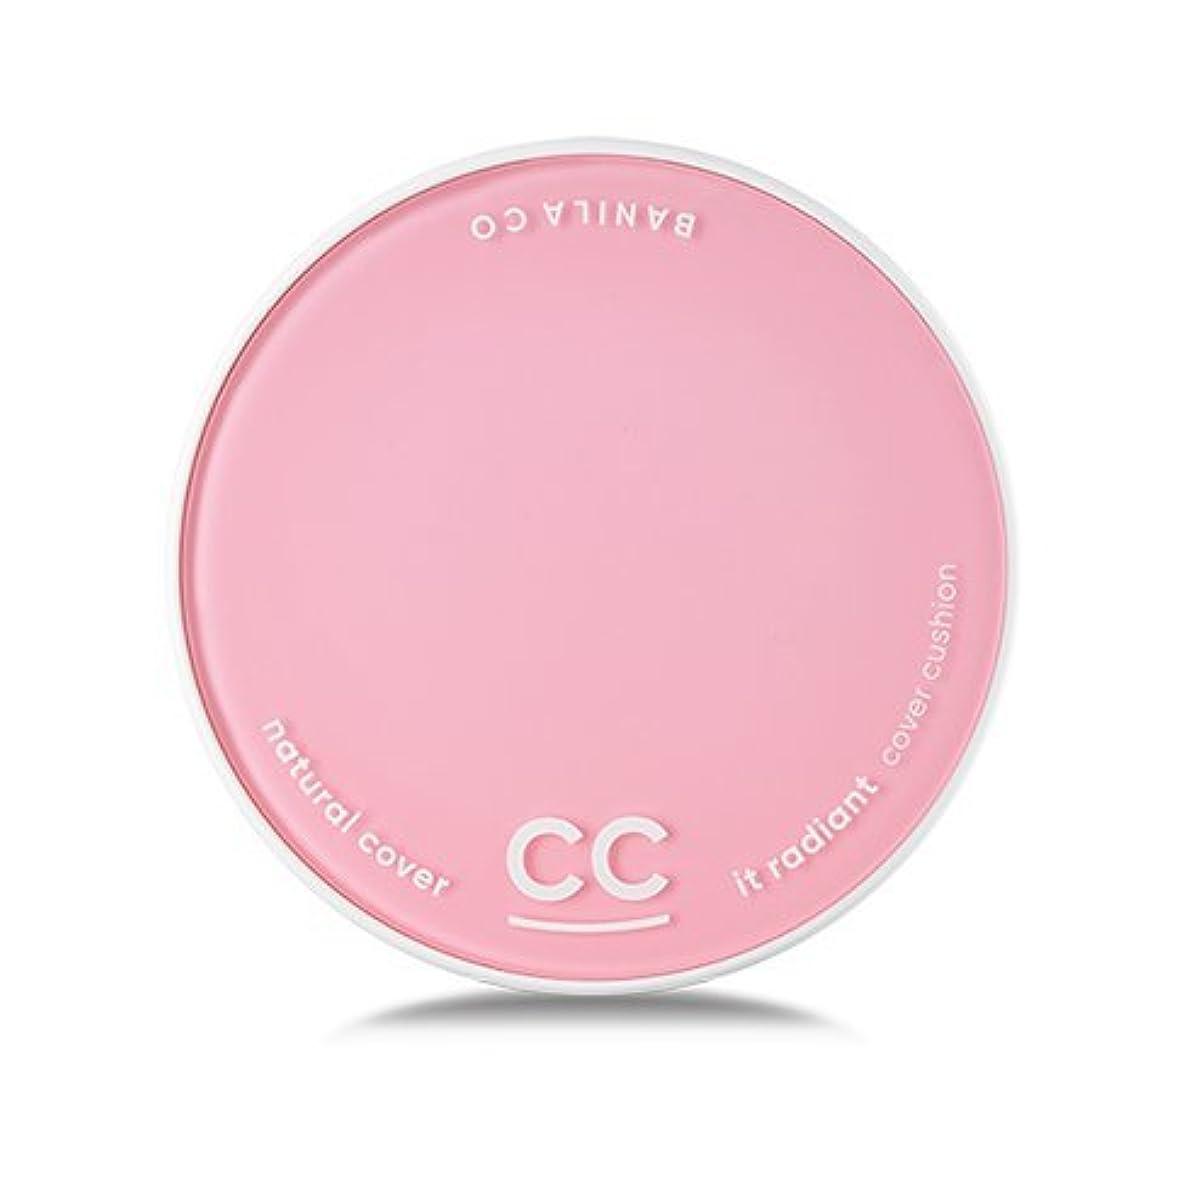 規範カーフ偶然の[Renewal] BANILA CO It Radiant CC Cover Cushion 12g + Refill 12g/バニラコ イット ラディアント CC カバー クッション 12g + リフィル 12g (...